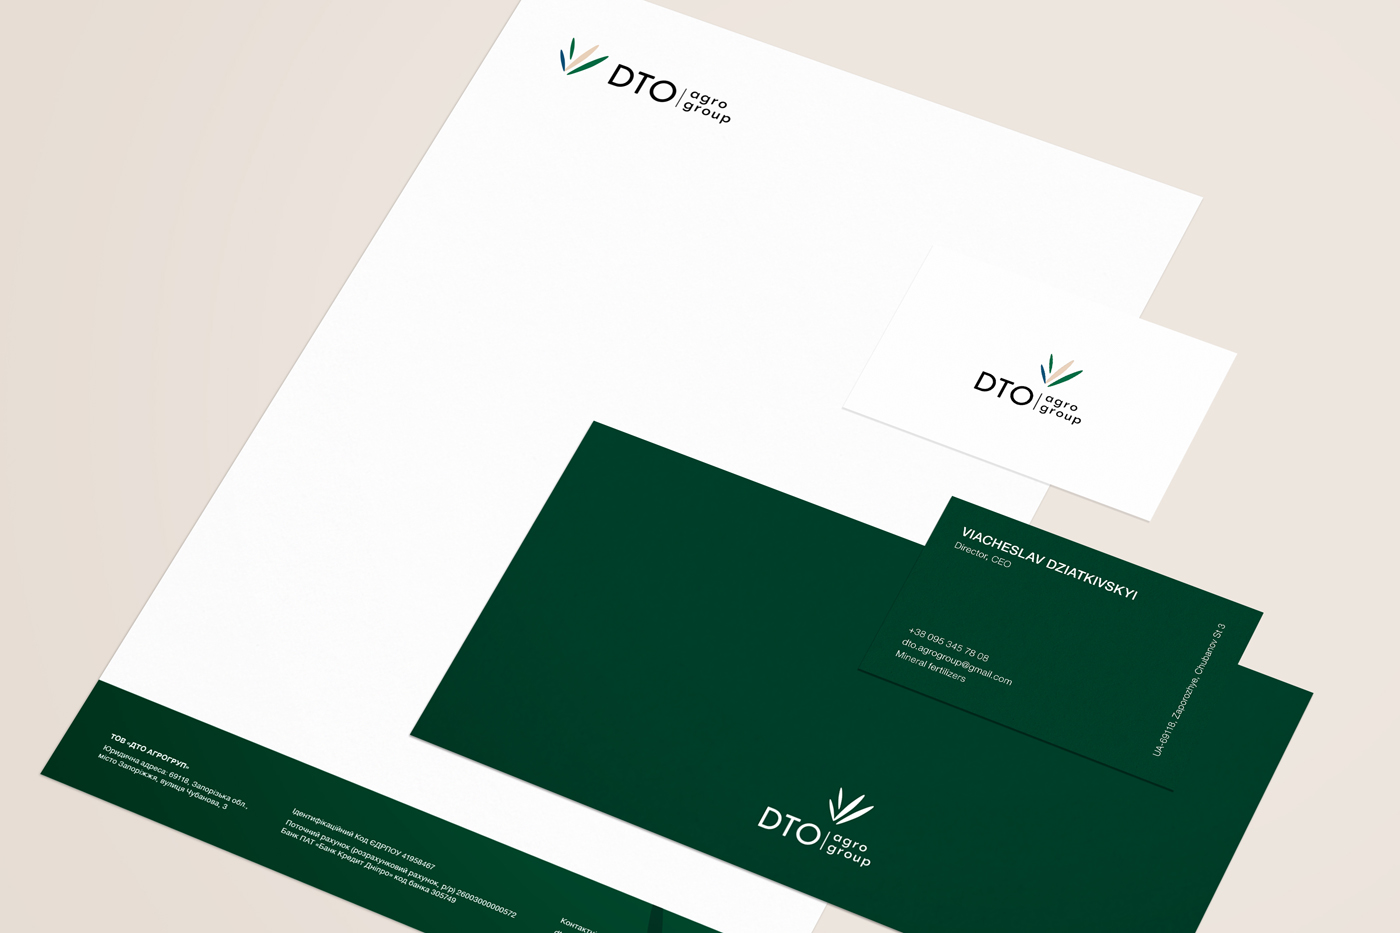 Фирменный стиль и логотип. Бланк, конверт и визитки для украинской агрокомпании DTO